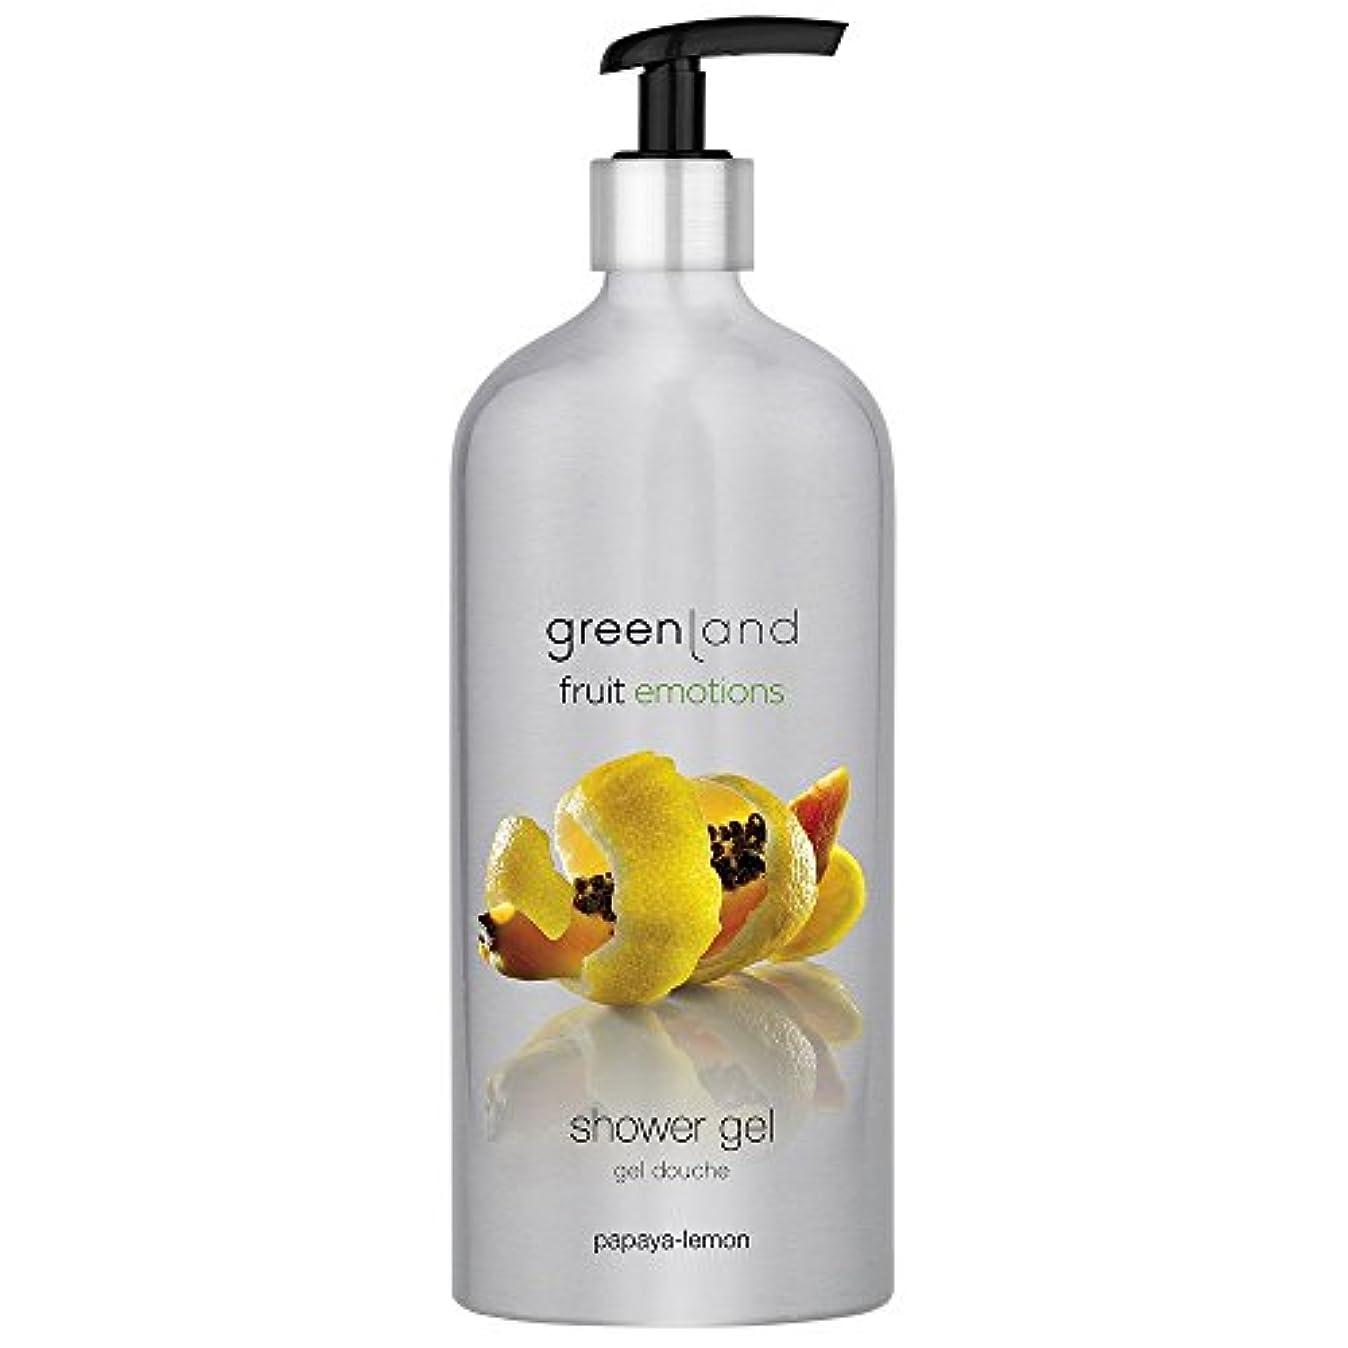 予報みすぼらしい花輪greenland [FruitEmotions] シャワージェル 600ml パパイア&レモン FE0221